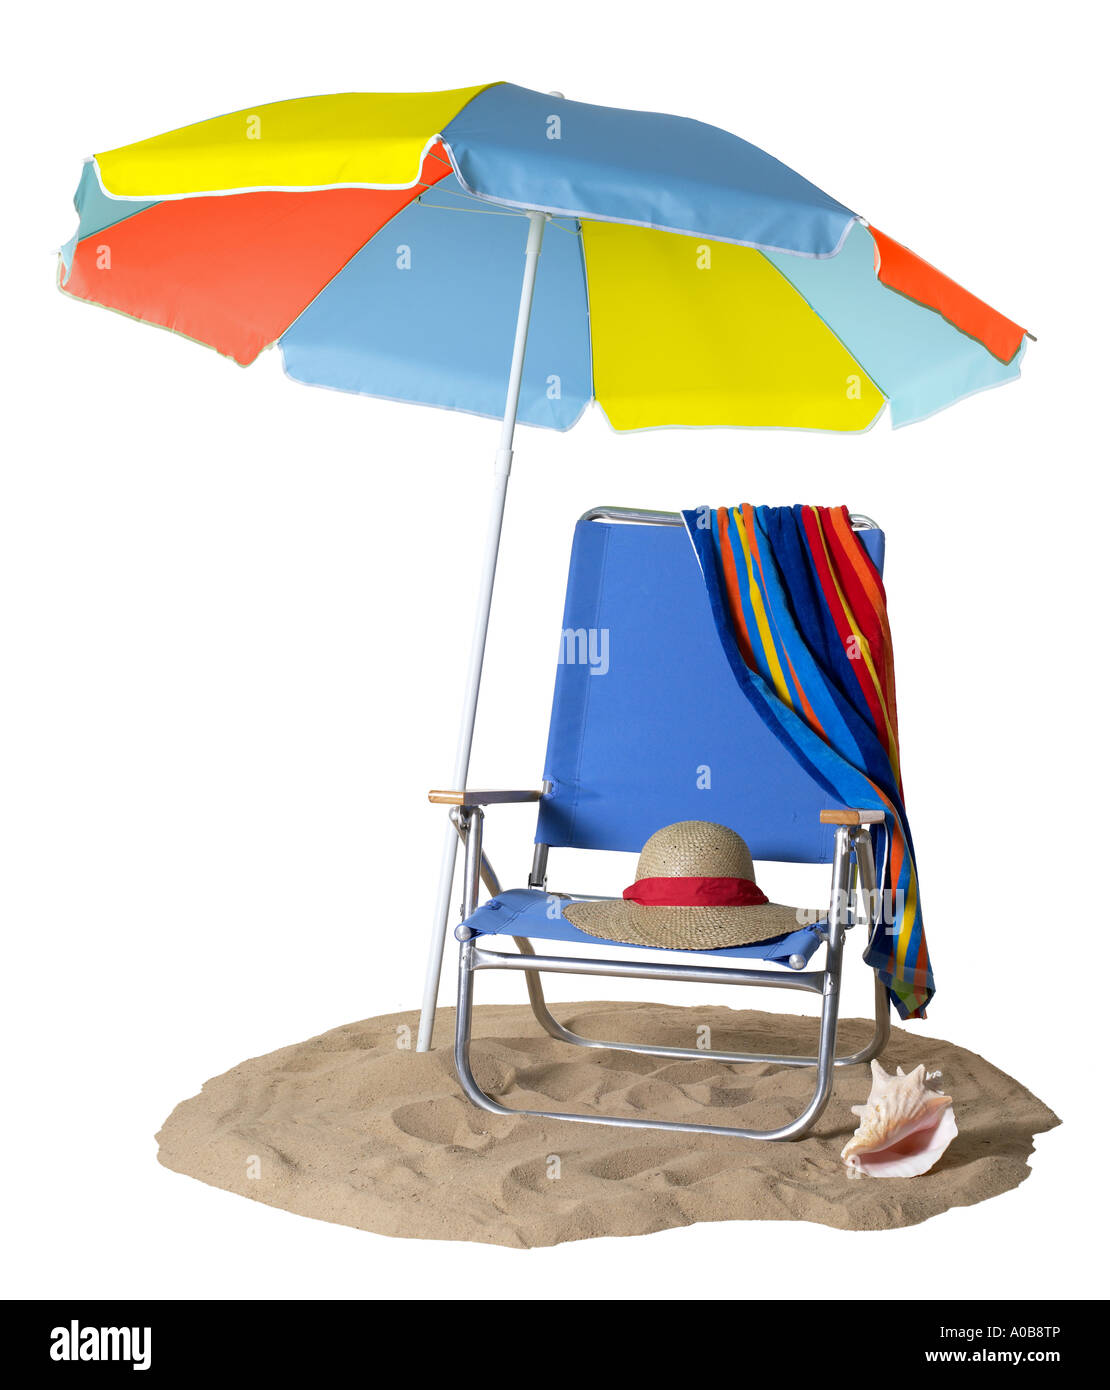 parasol garden shade quest clip robert on dyas chair clamp sun umbrella